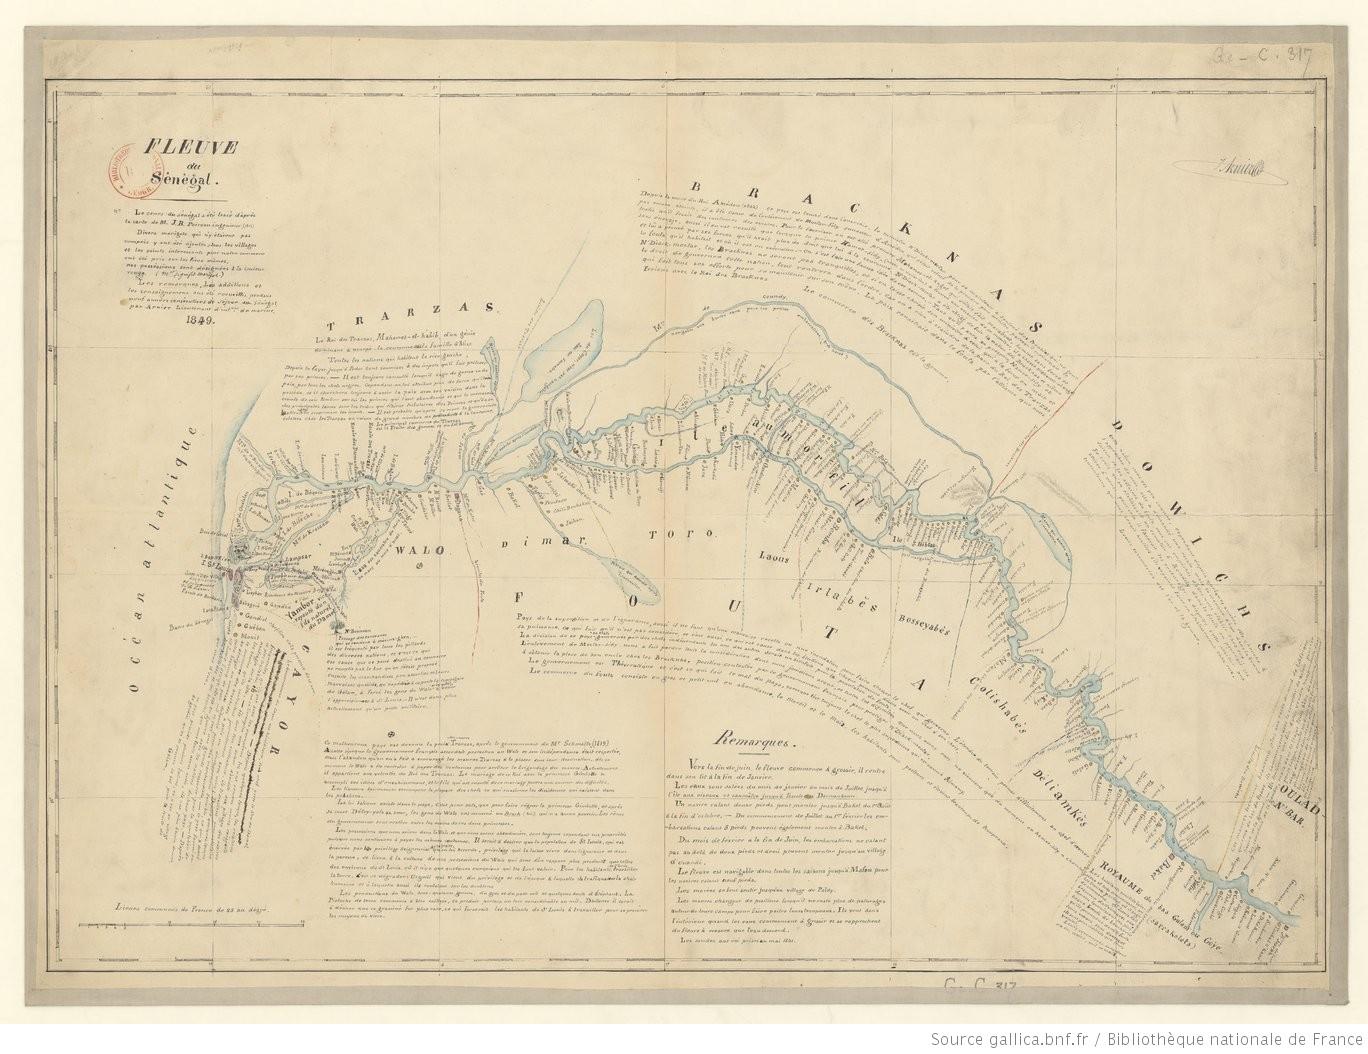 Map of the Senegal River, 1849.